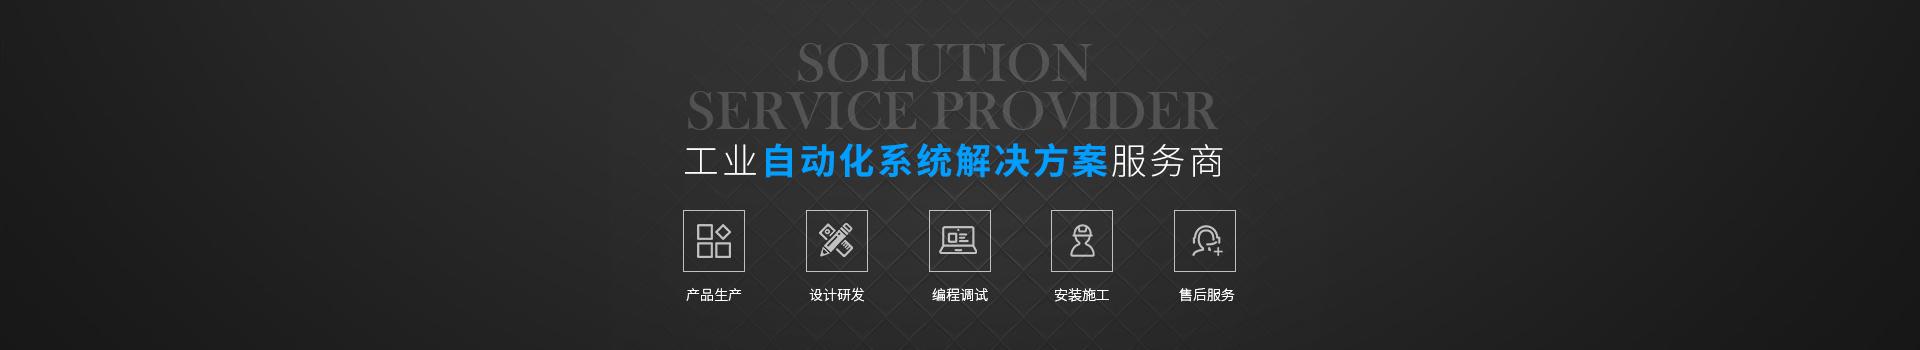 雷恒 工业自动化系统解决方案服务商